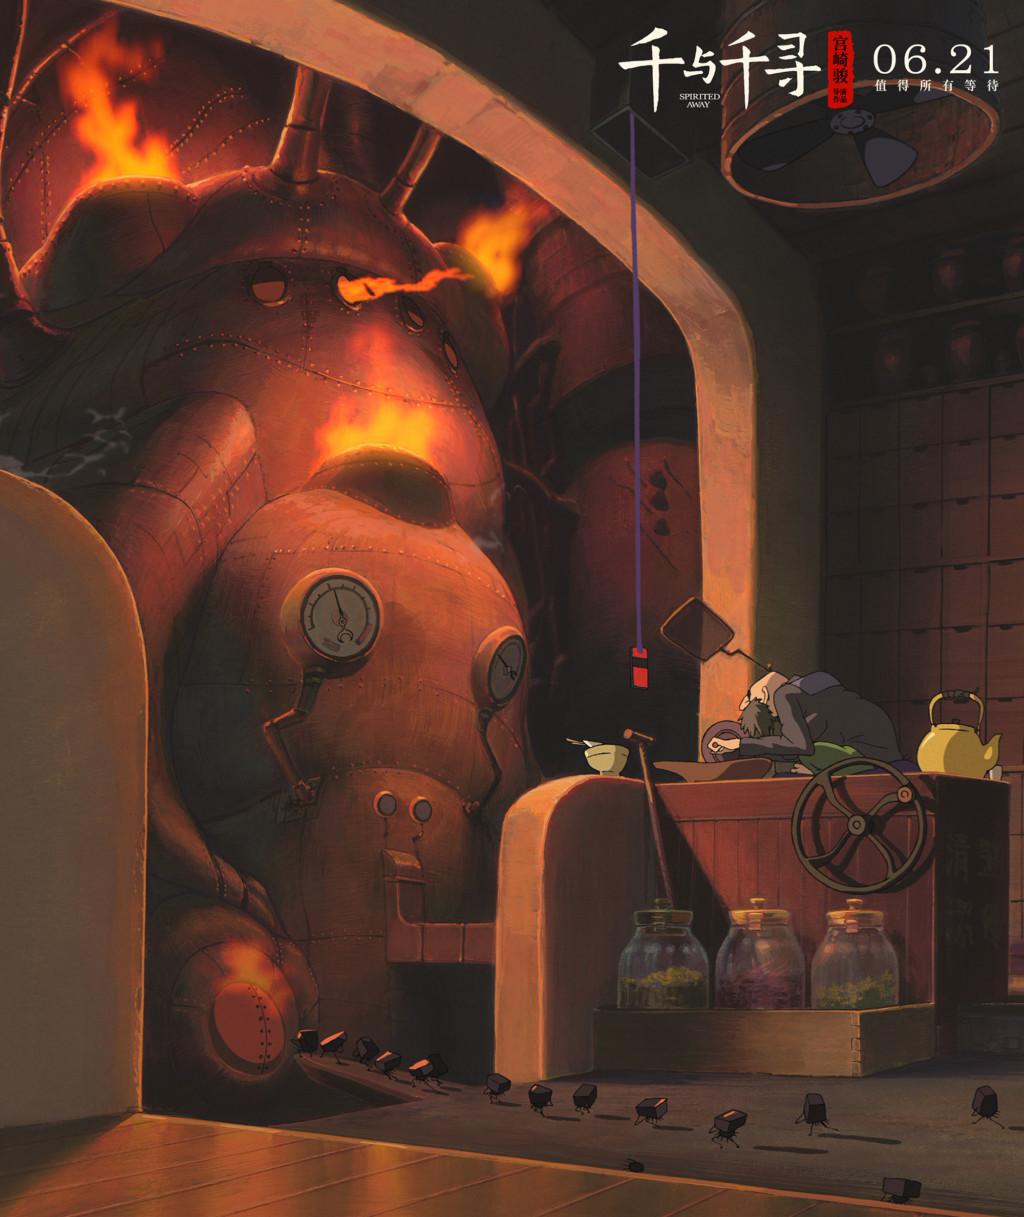 神隱世界長這樣!《神隱少女》19年首次曝光「精緻全景圖」 「油屋內部」一覽無遺網:真正的大師